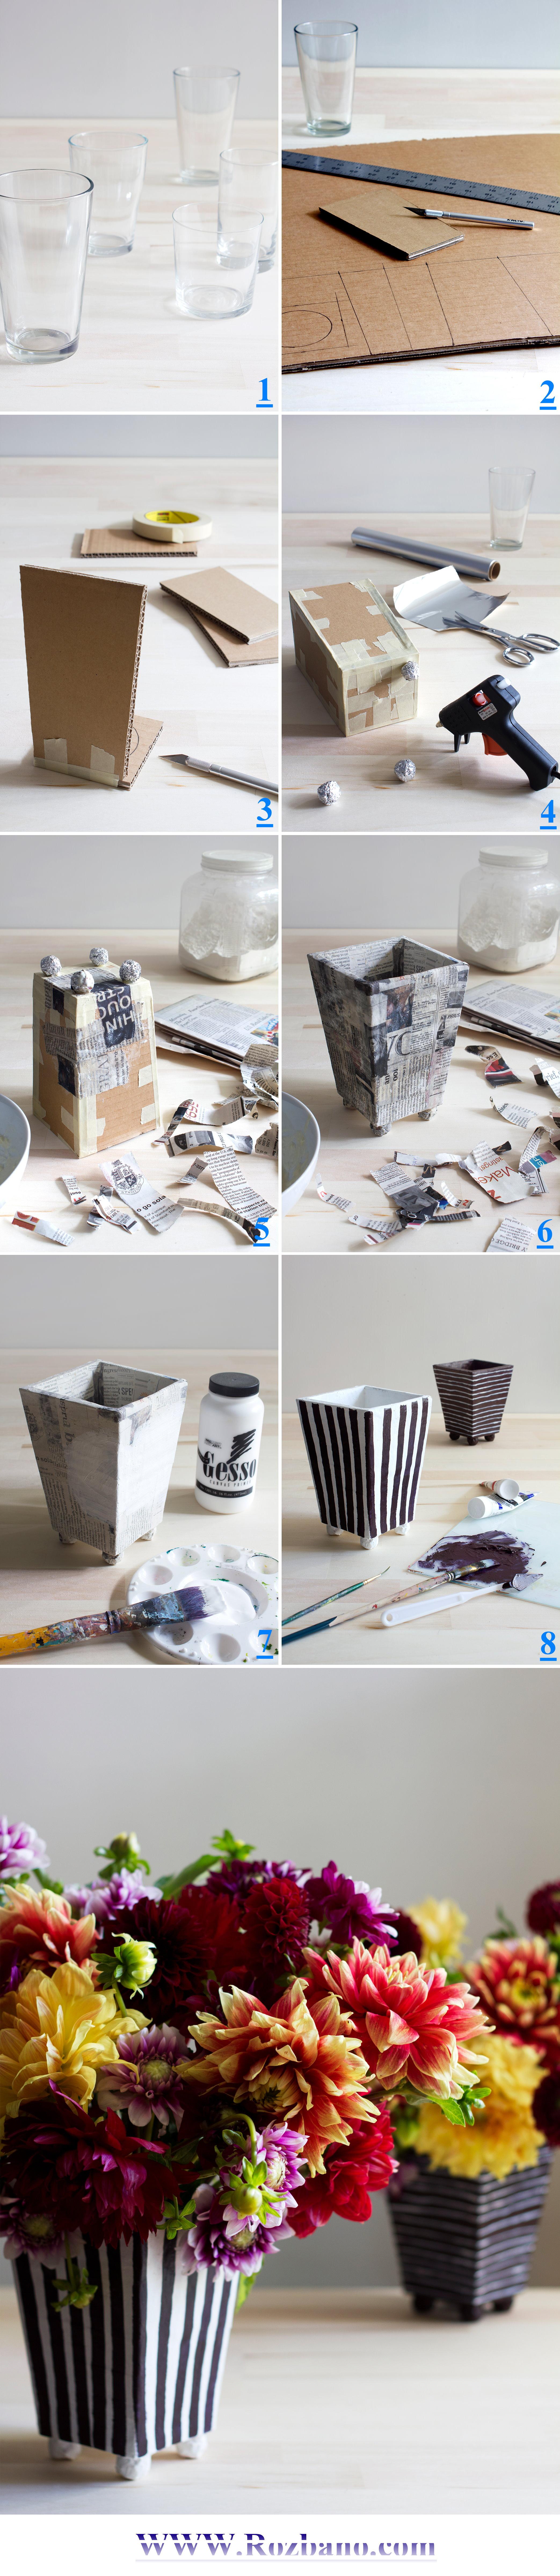 http://up.rozbano.com/view/2714910/Make%20a%20paper%20pot-02.jpg